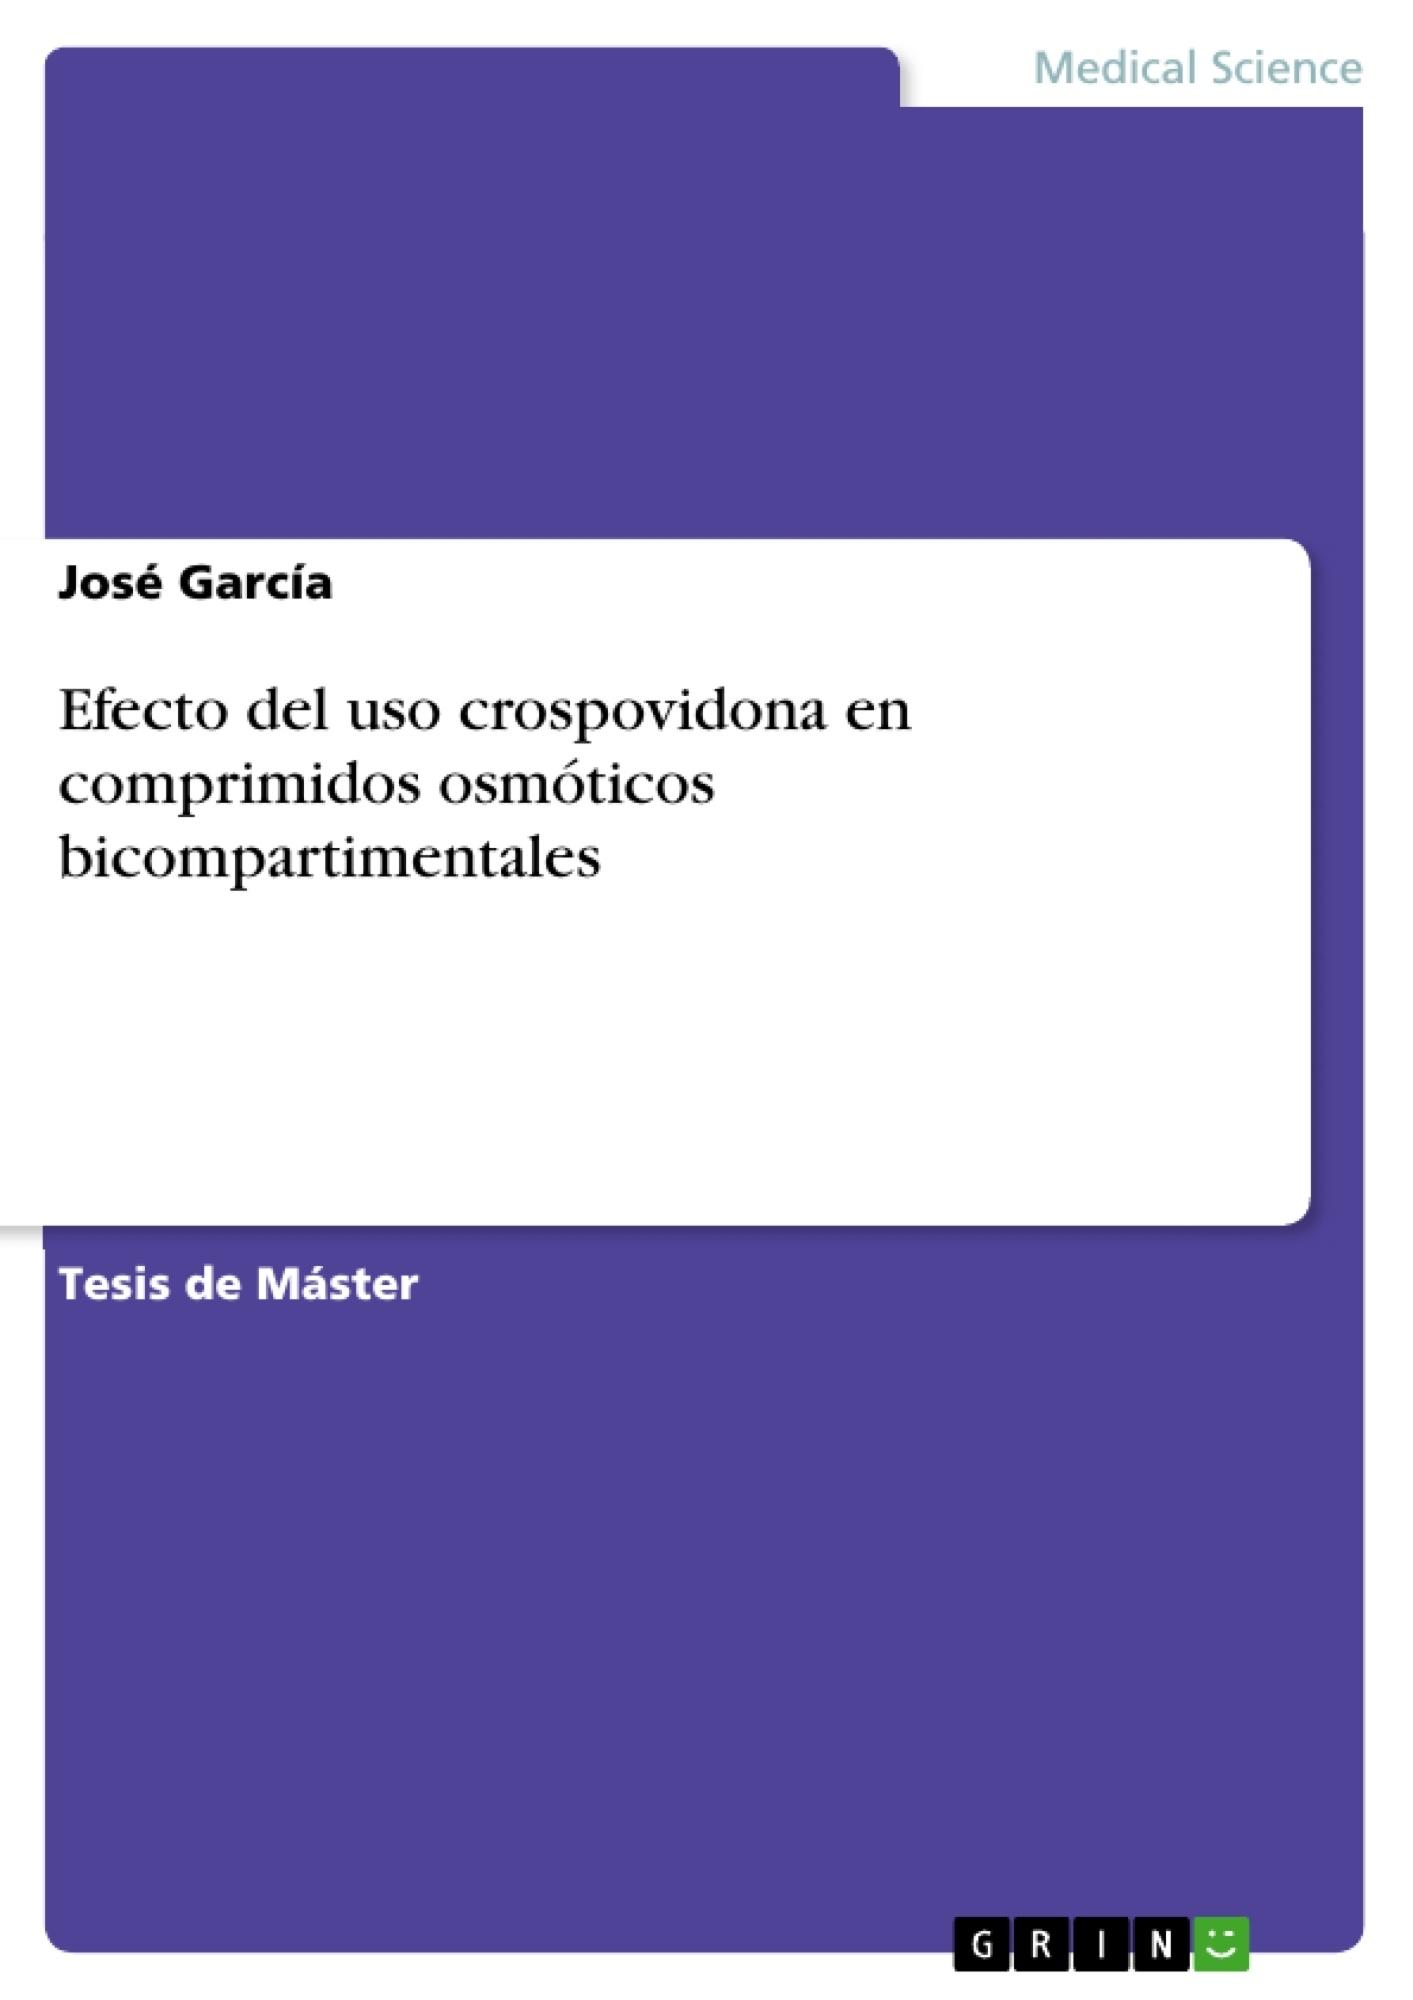 Título: Efecto del uso crospovidona en comprimidos osmóticos bicompartimentales